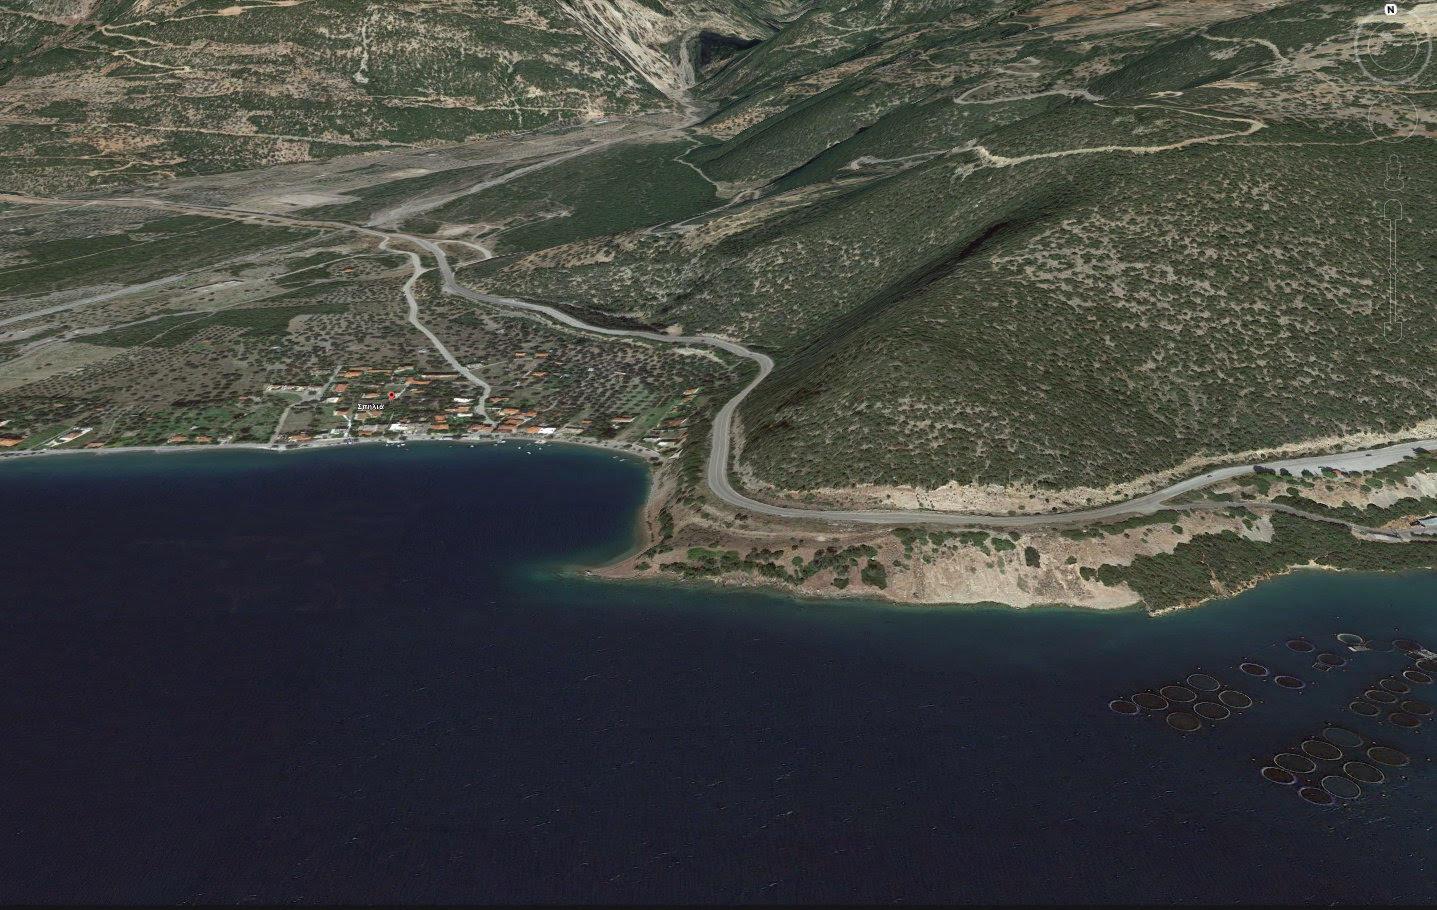 The same area today, via Google Maps